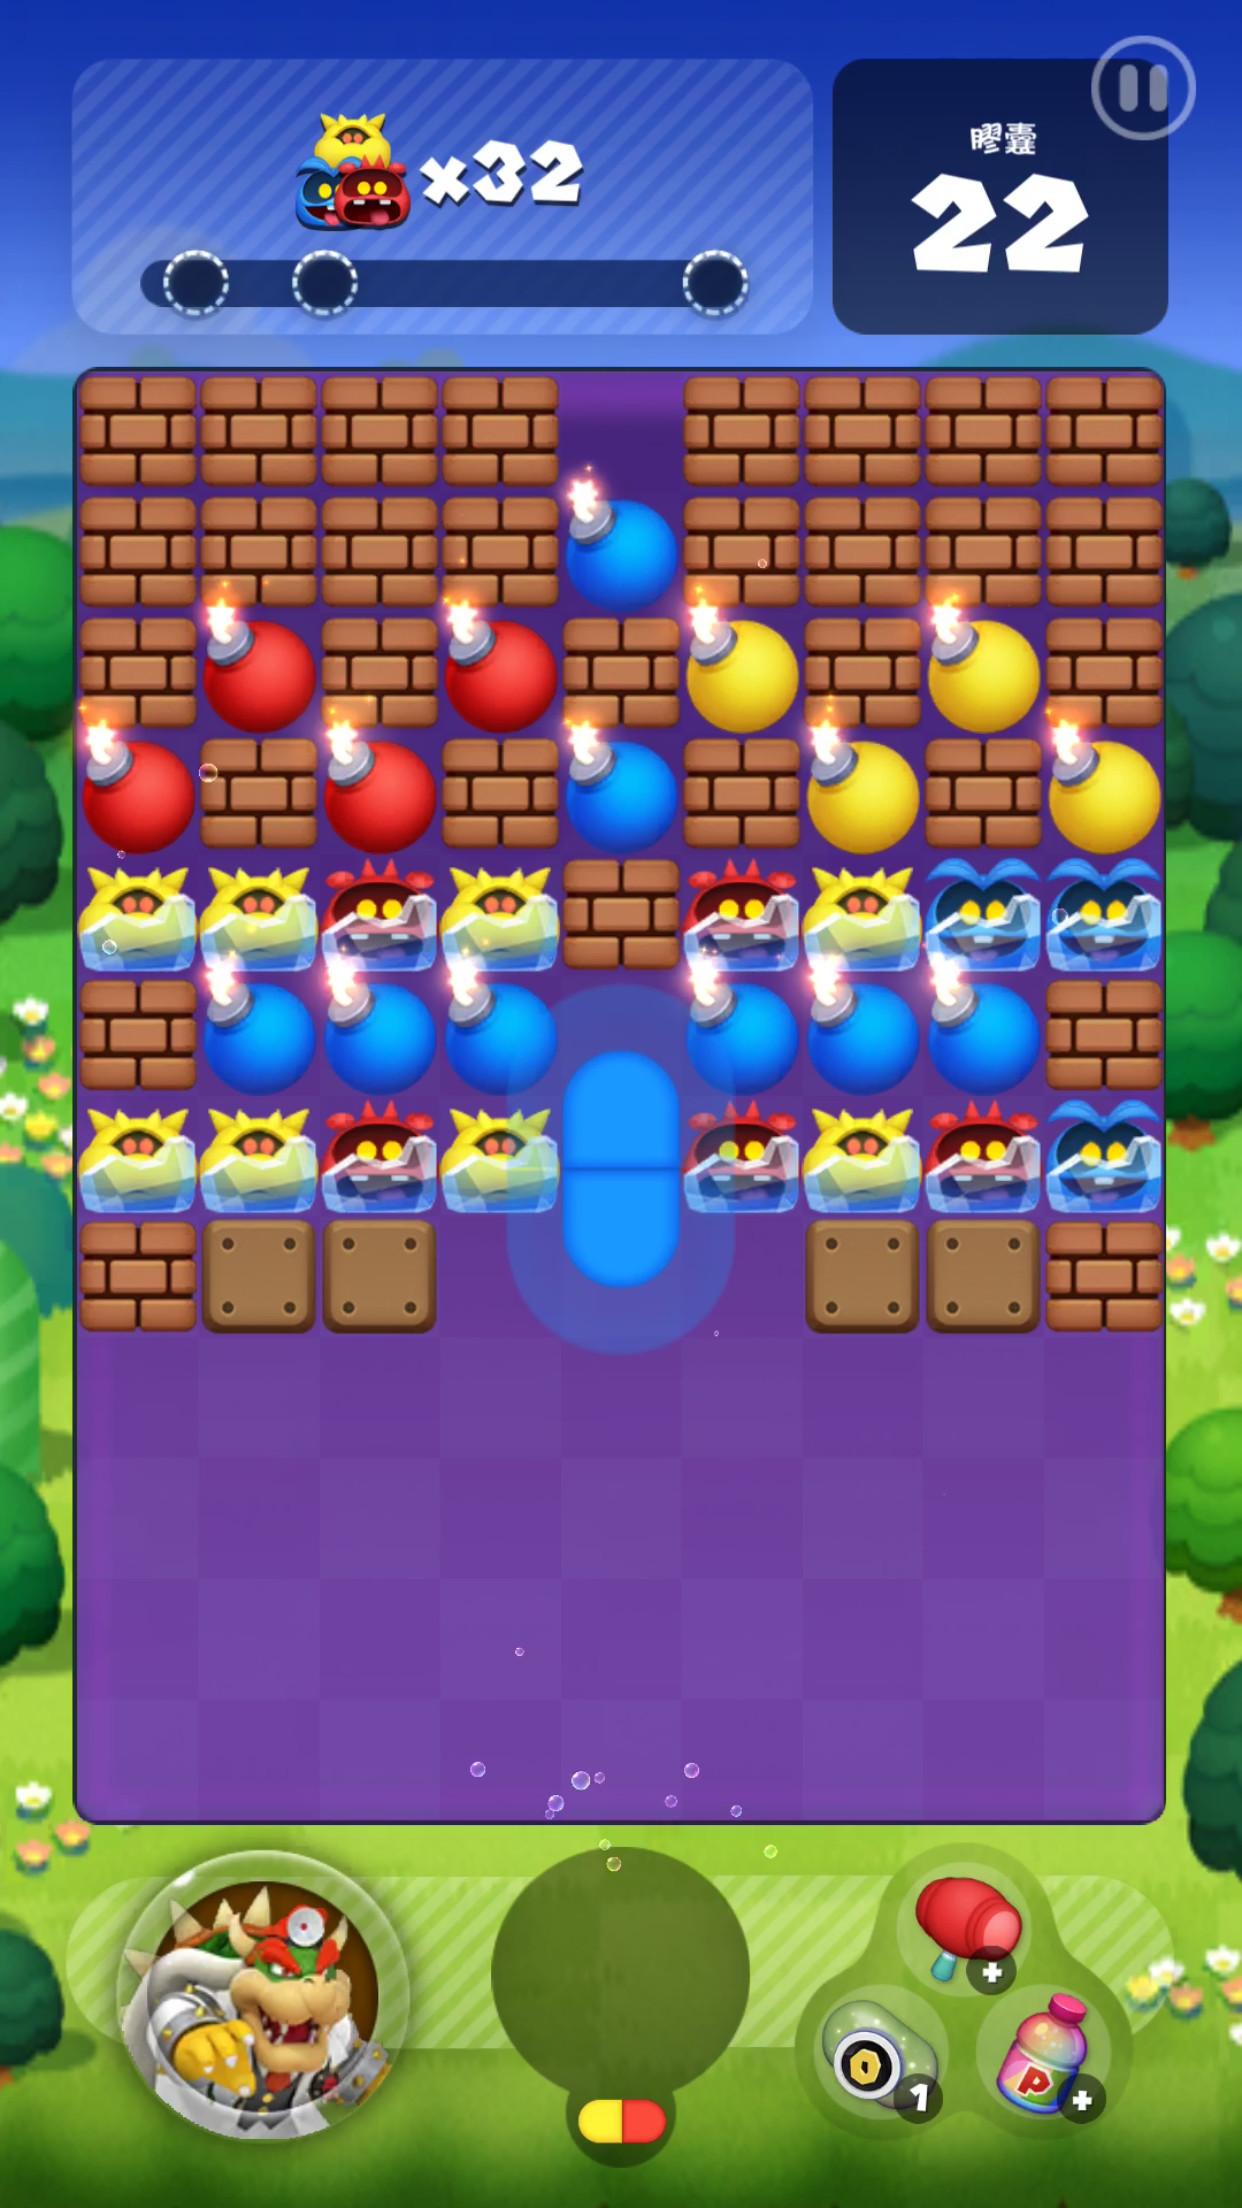 ▲▼《瑪利歐醫生世界》遊戲畫面。(圖/Kiki提供,請勿隨意翻拍,以免侵權。)